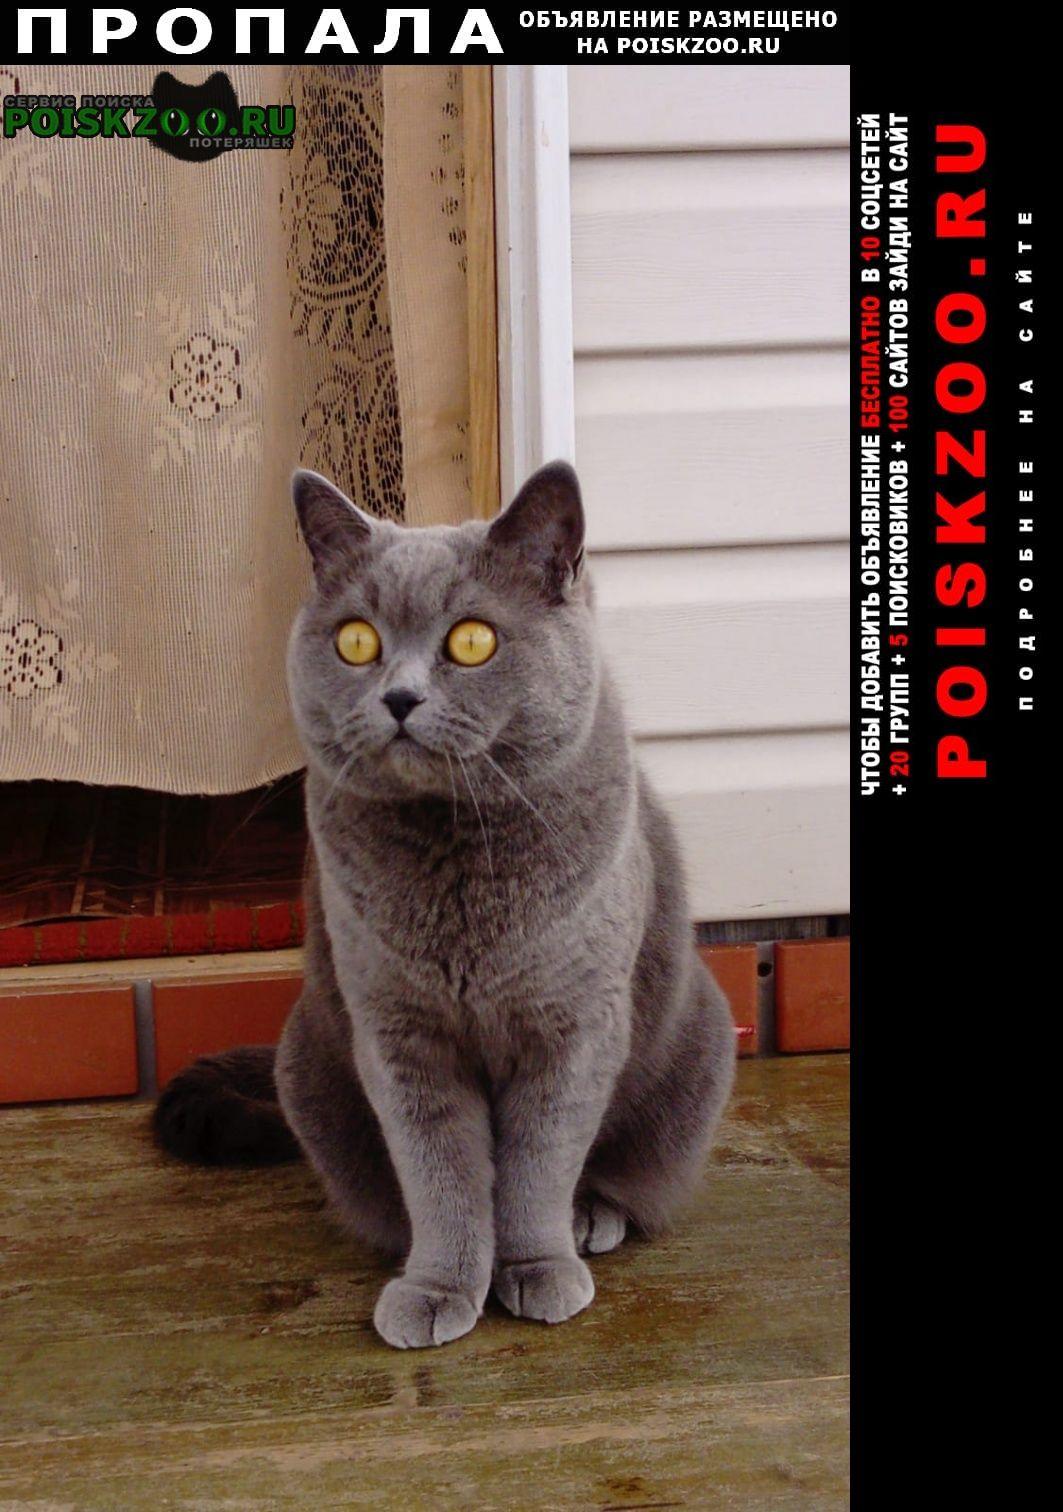 Пропала кошка срочно помогите пожалуйста г.Витебск